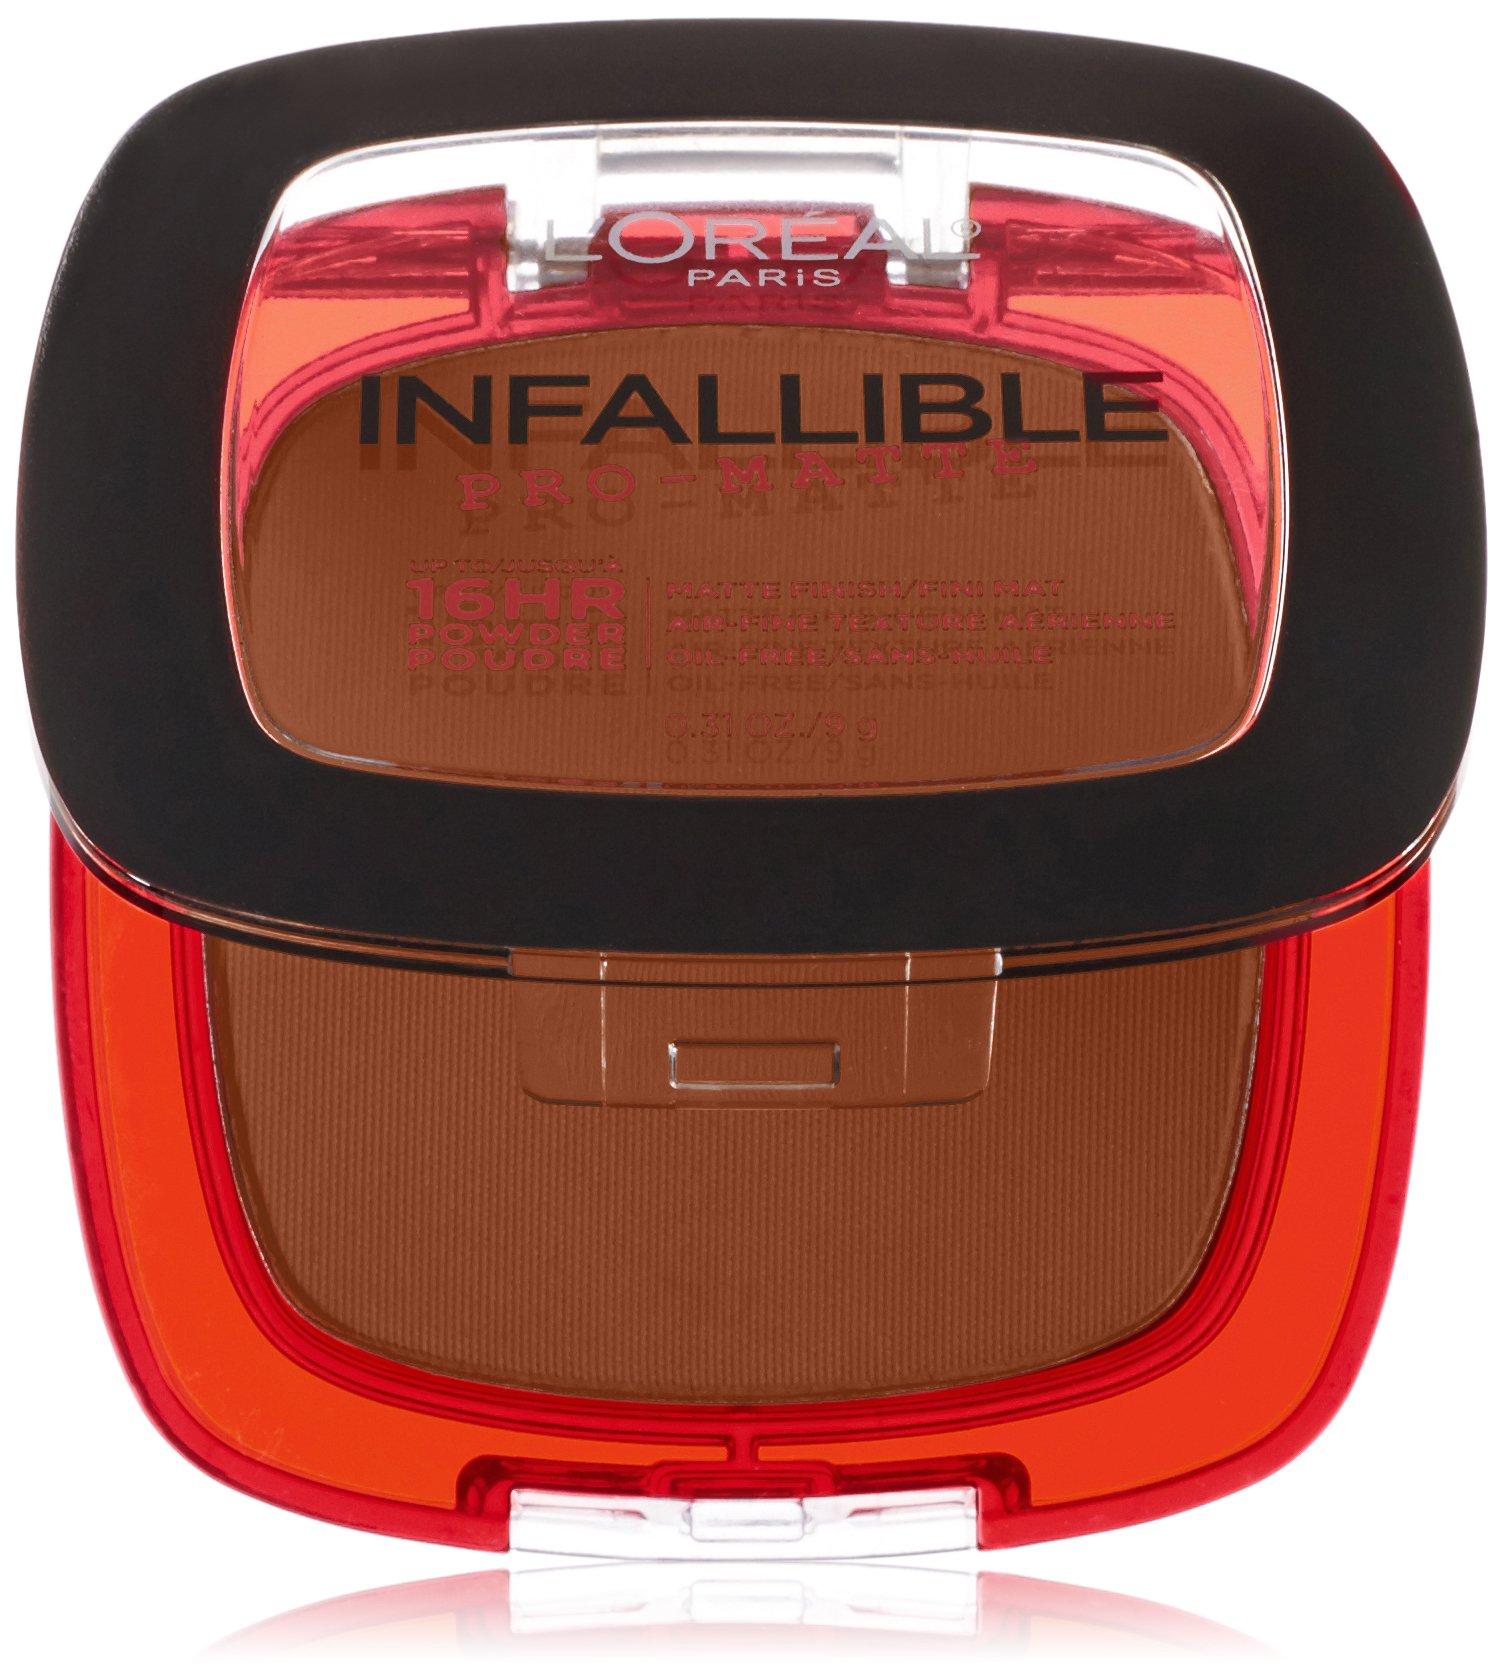 L'Oréal Paris Infallible Pro-Matte Powder, Cocca, 0.31 oz.